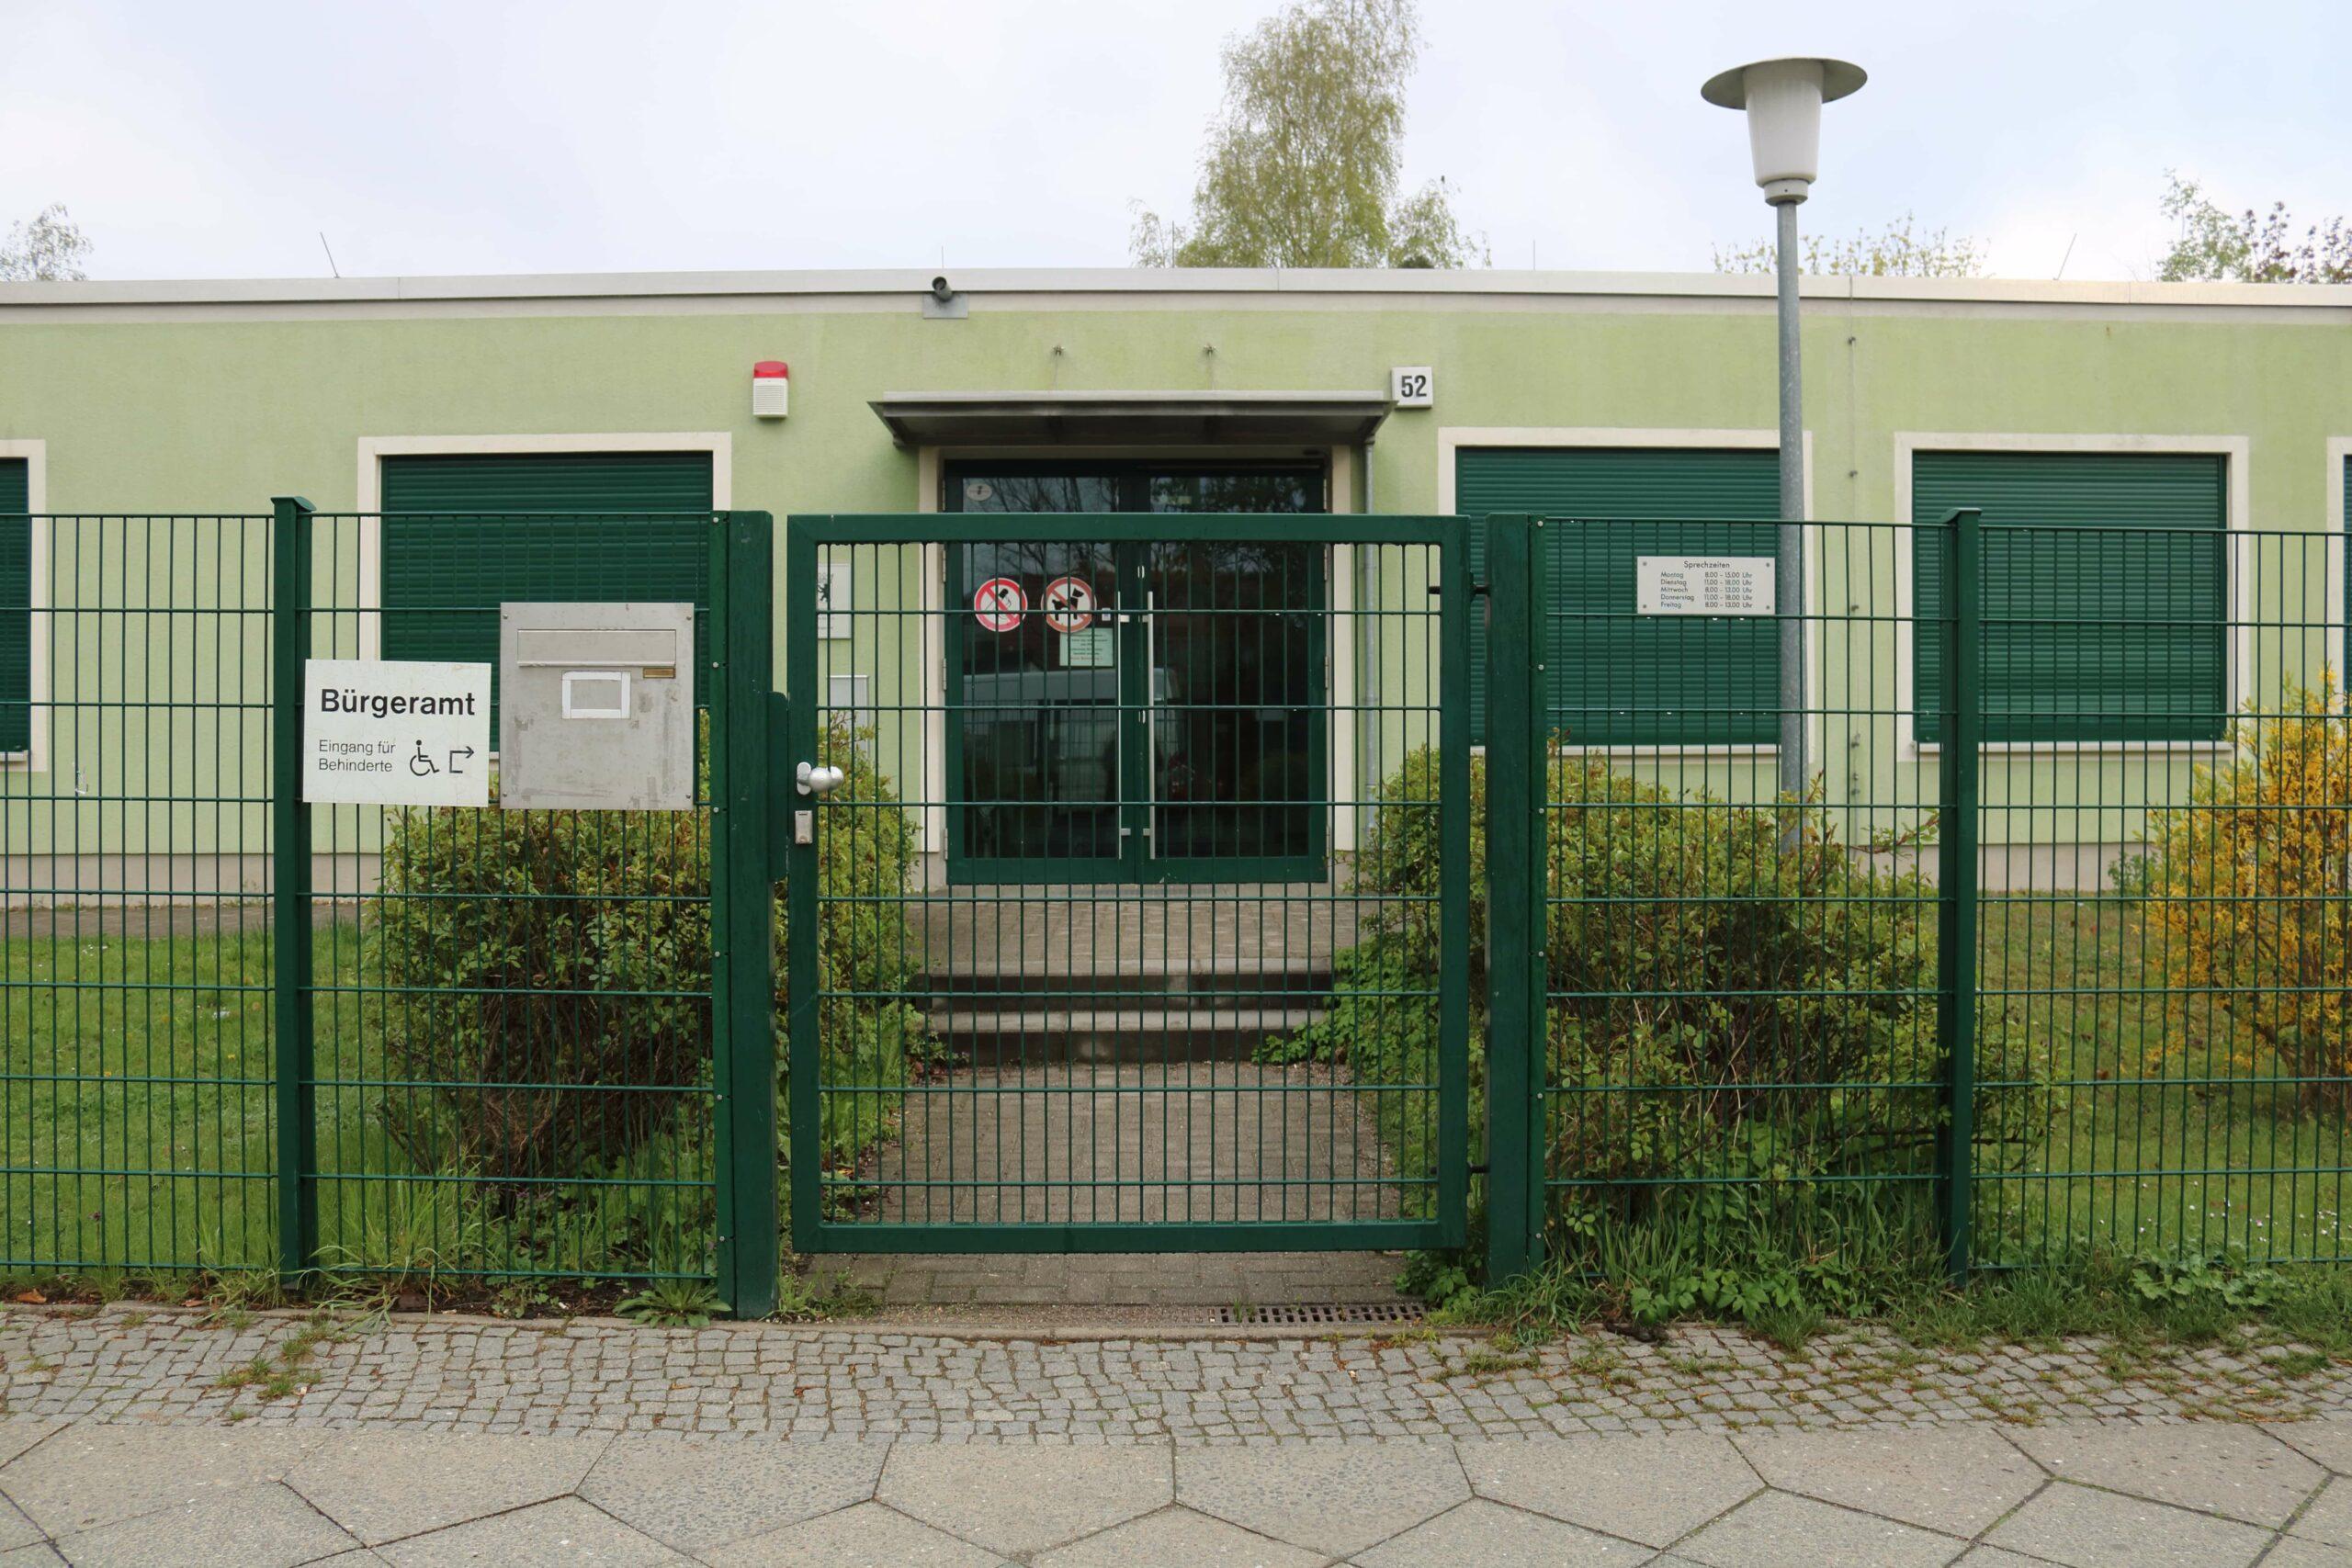 Bürgeramt Zwickauer Damm